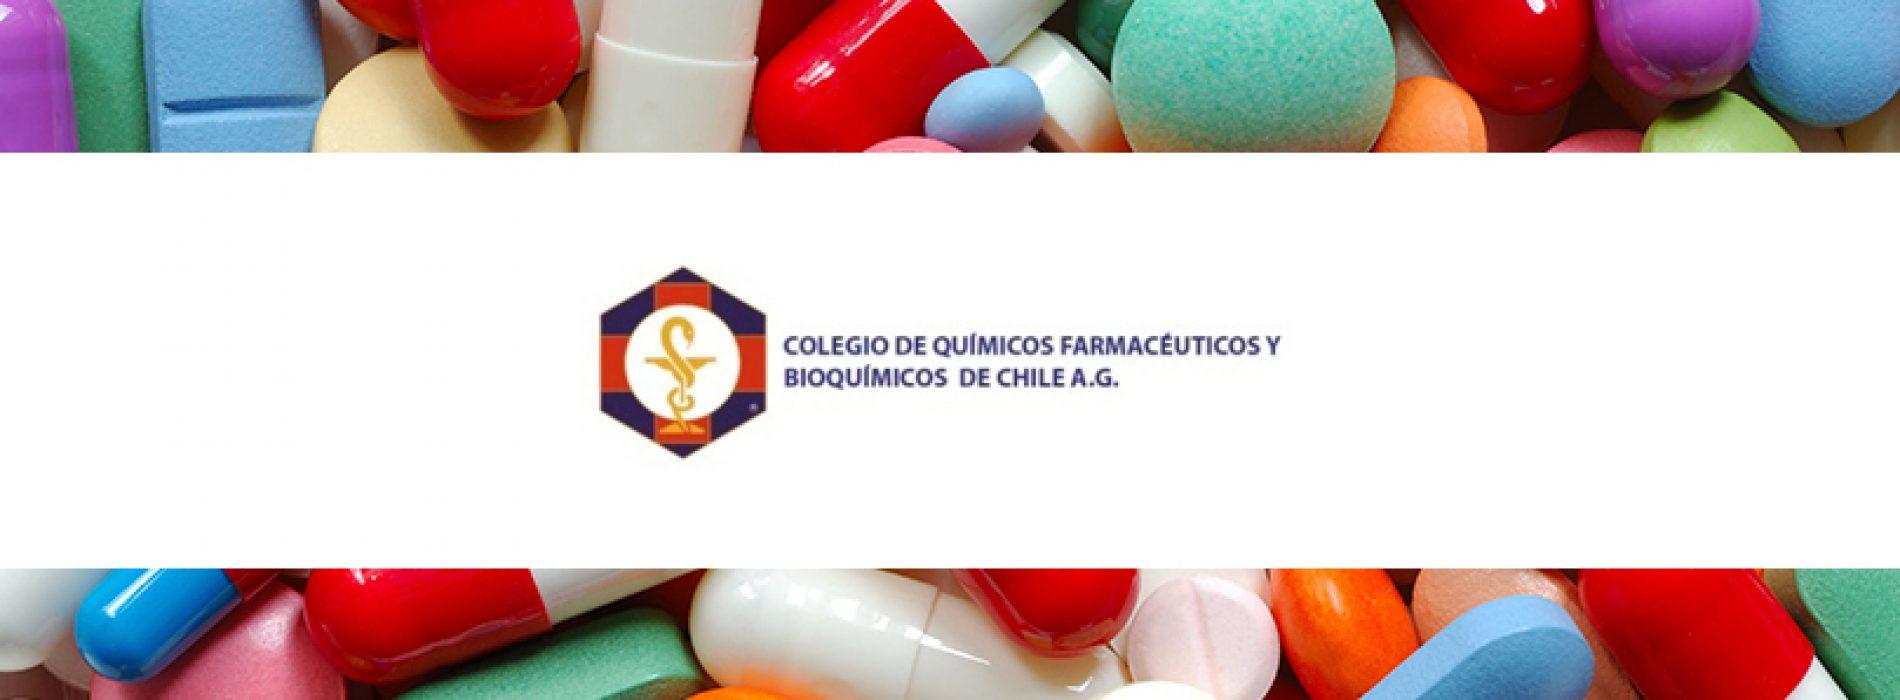 IV Jornadas Farmacéuticas y Bioquímicas. Jueves 4 y Viernes 5 de Octubre